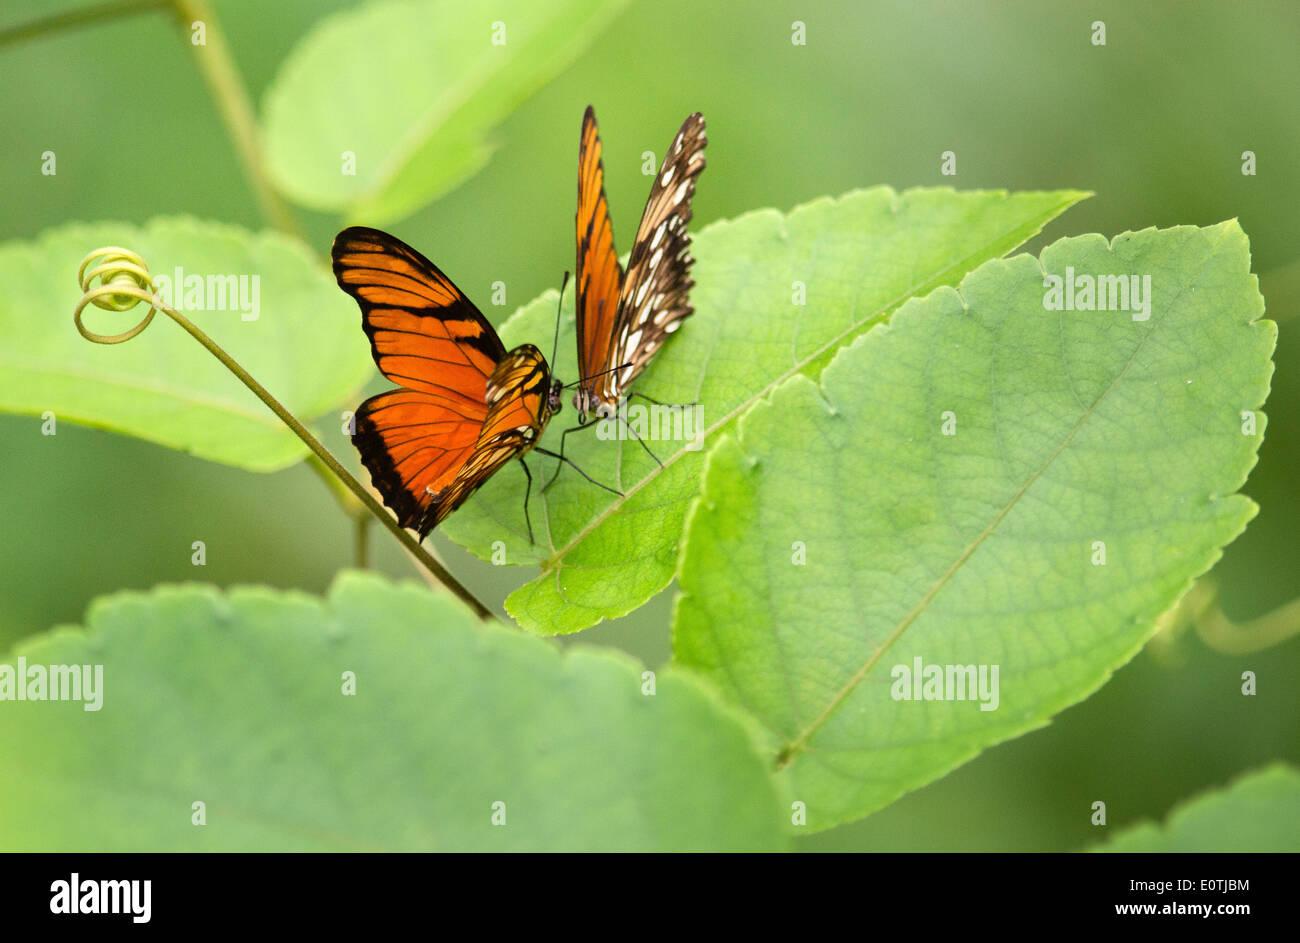 Paar von Juno Longwing Schmetterlinge Dione Juno im Ehevertrag Haltung auf eine Passionsblume Rebe Blatt Halbinsel Osa Costa Rica Stockbild